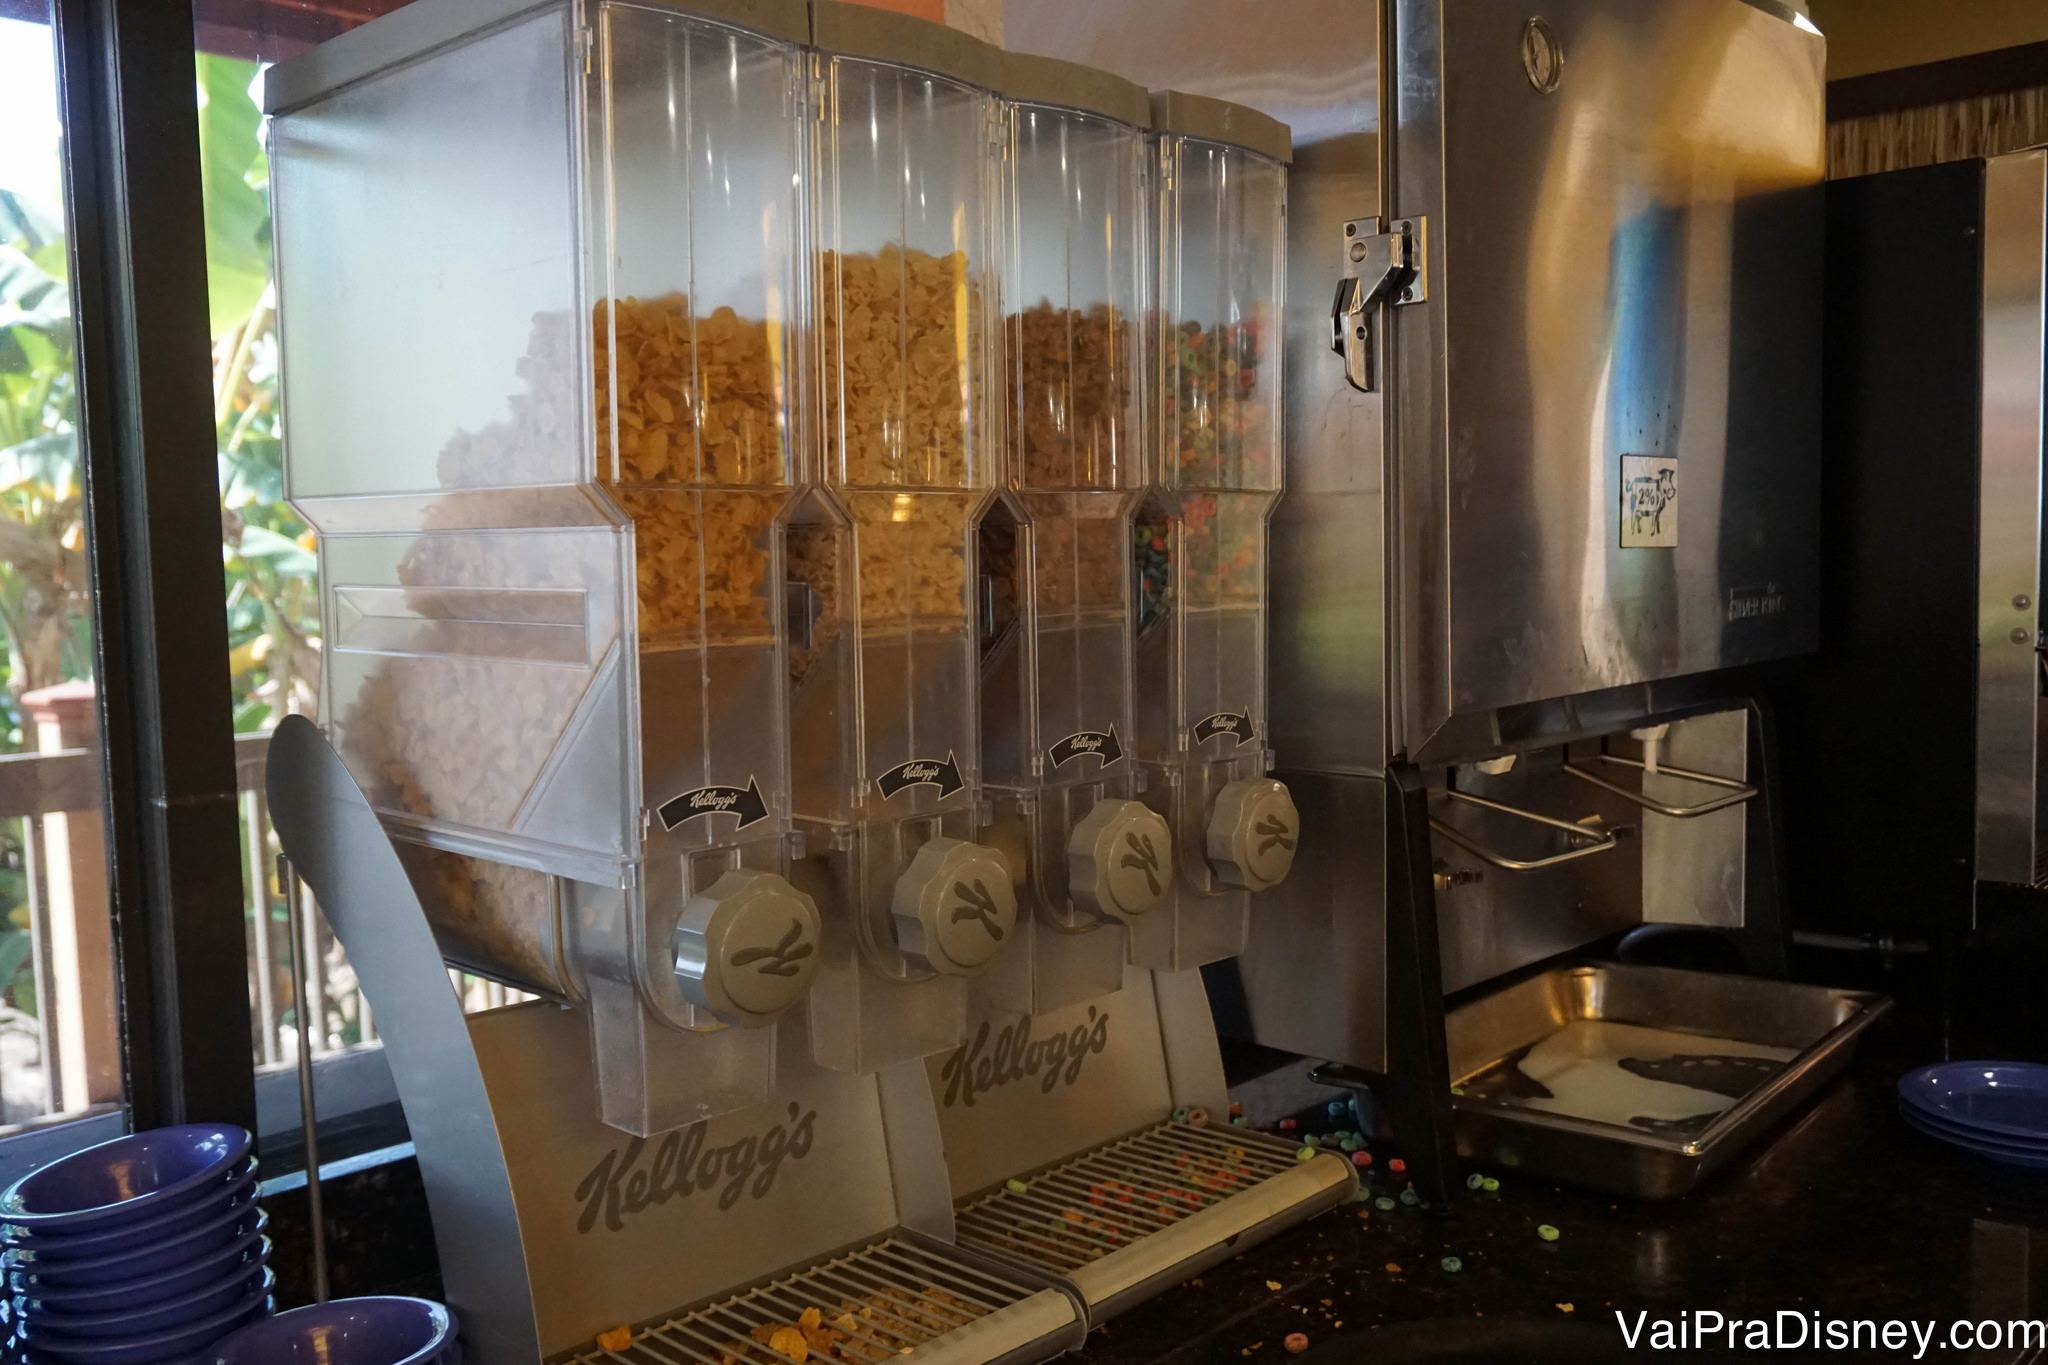 Potes de cereais, com 4 tipos diferentes disponíveis no café da manhã.